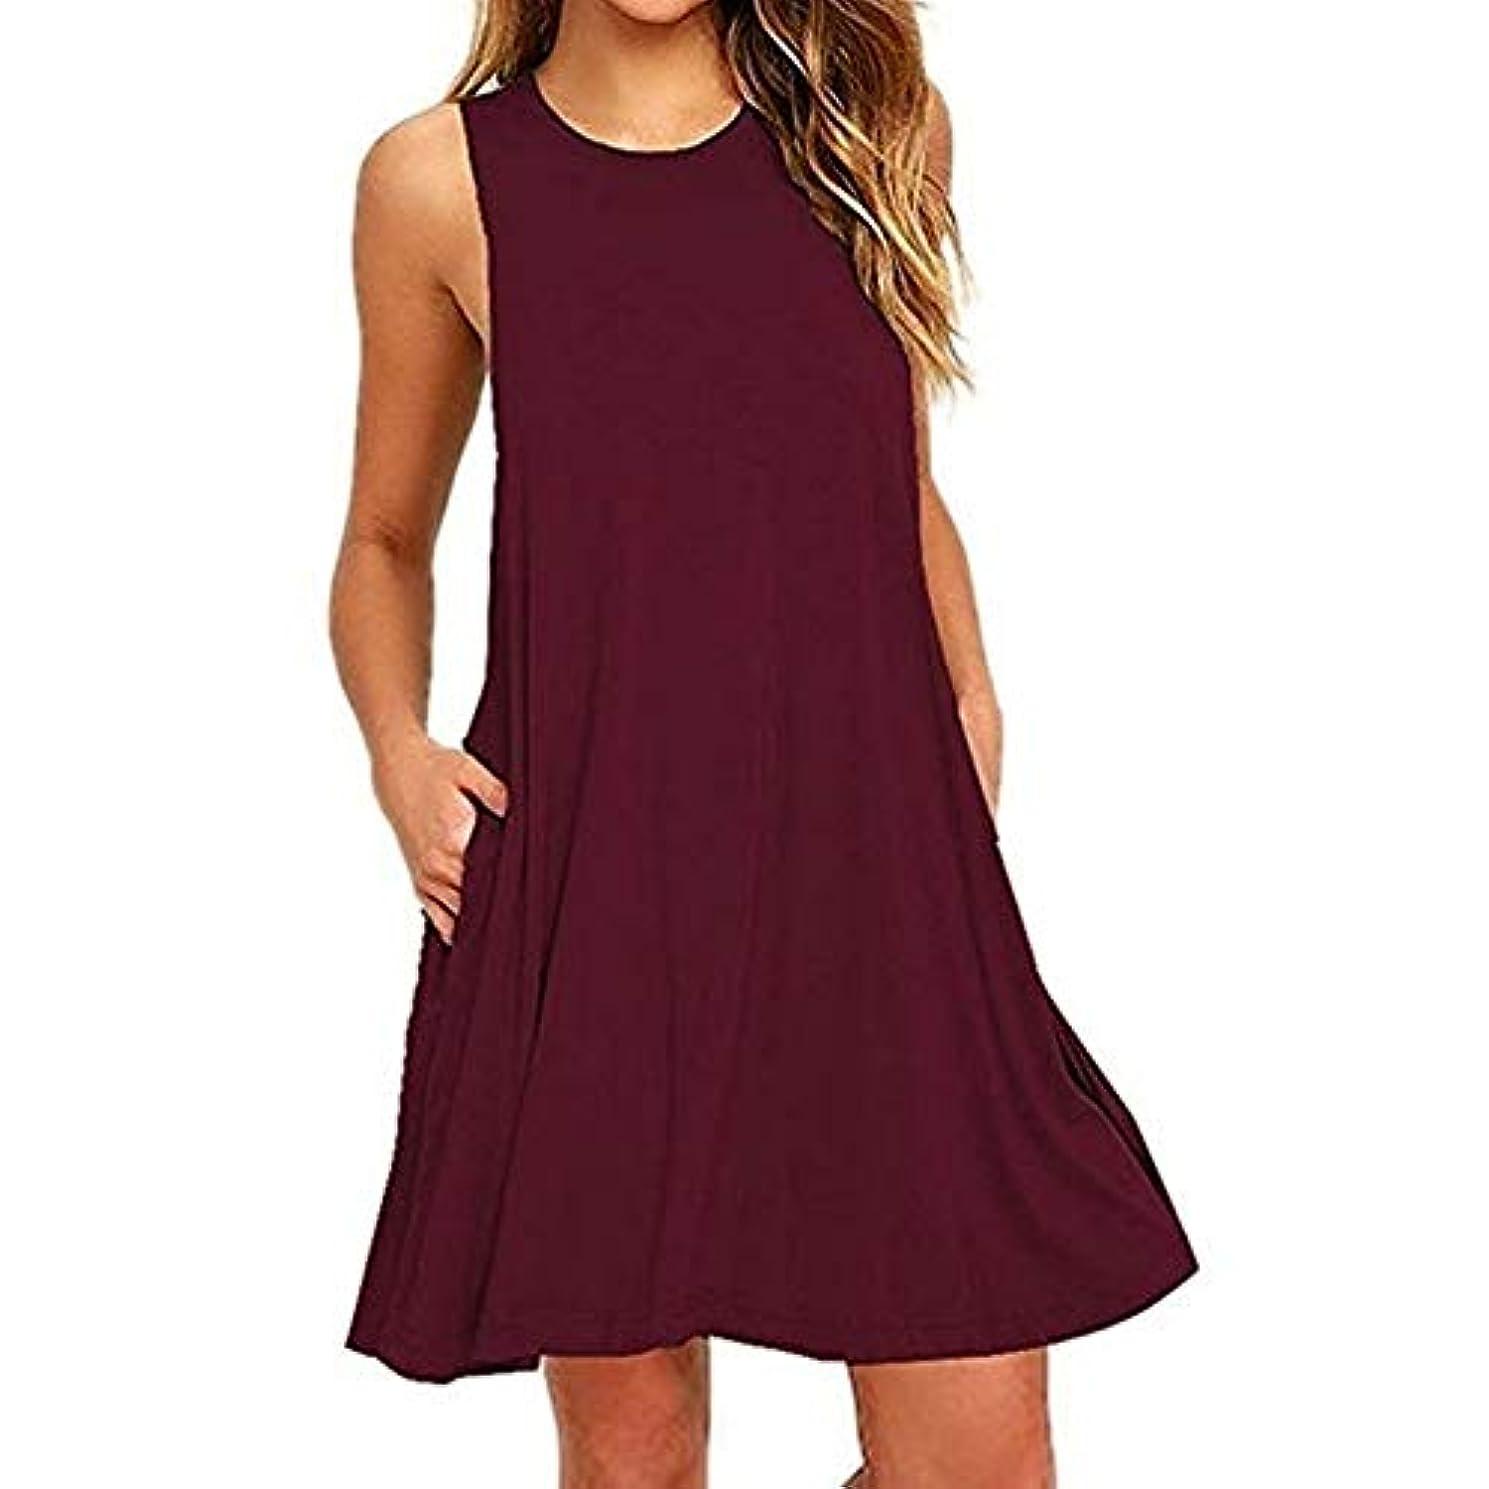 顧問コテージ単にMIFAN 人の女性のドレス、プラスサイズのドレス、ノースリーブのドレス、ミニドレス、ホルタードレス、コットンドレス